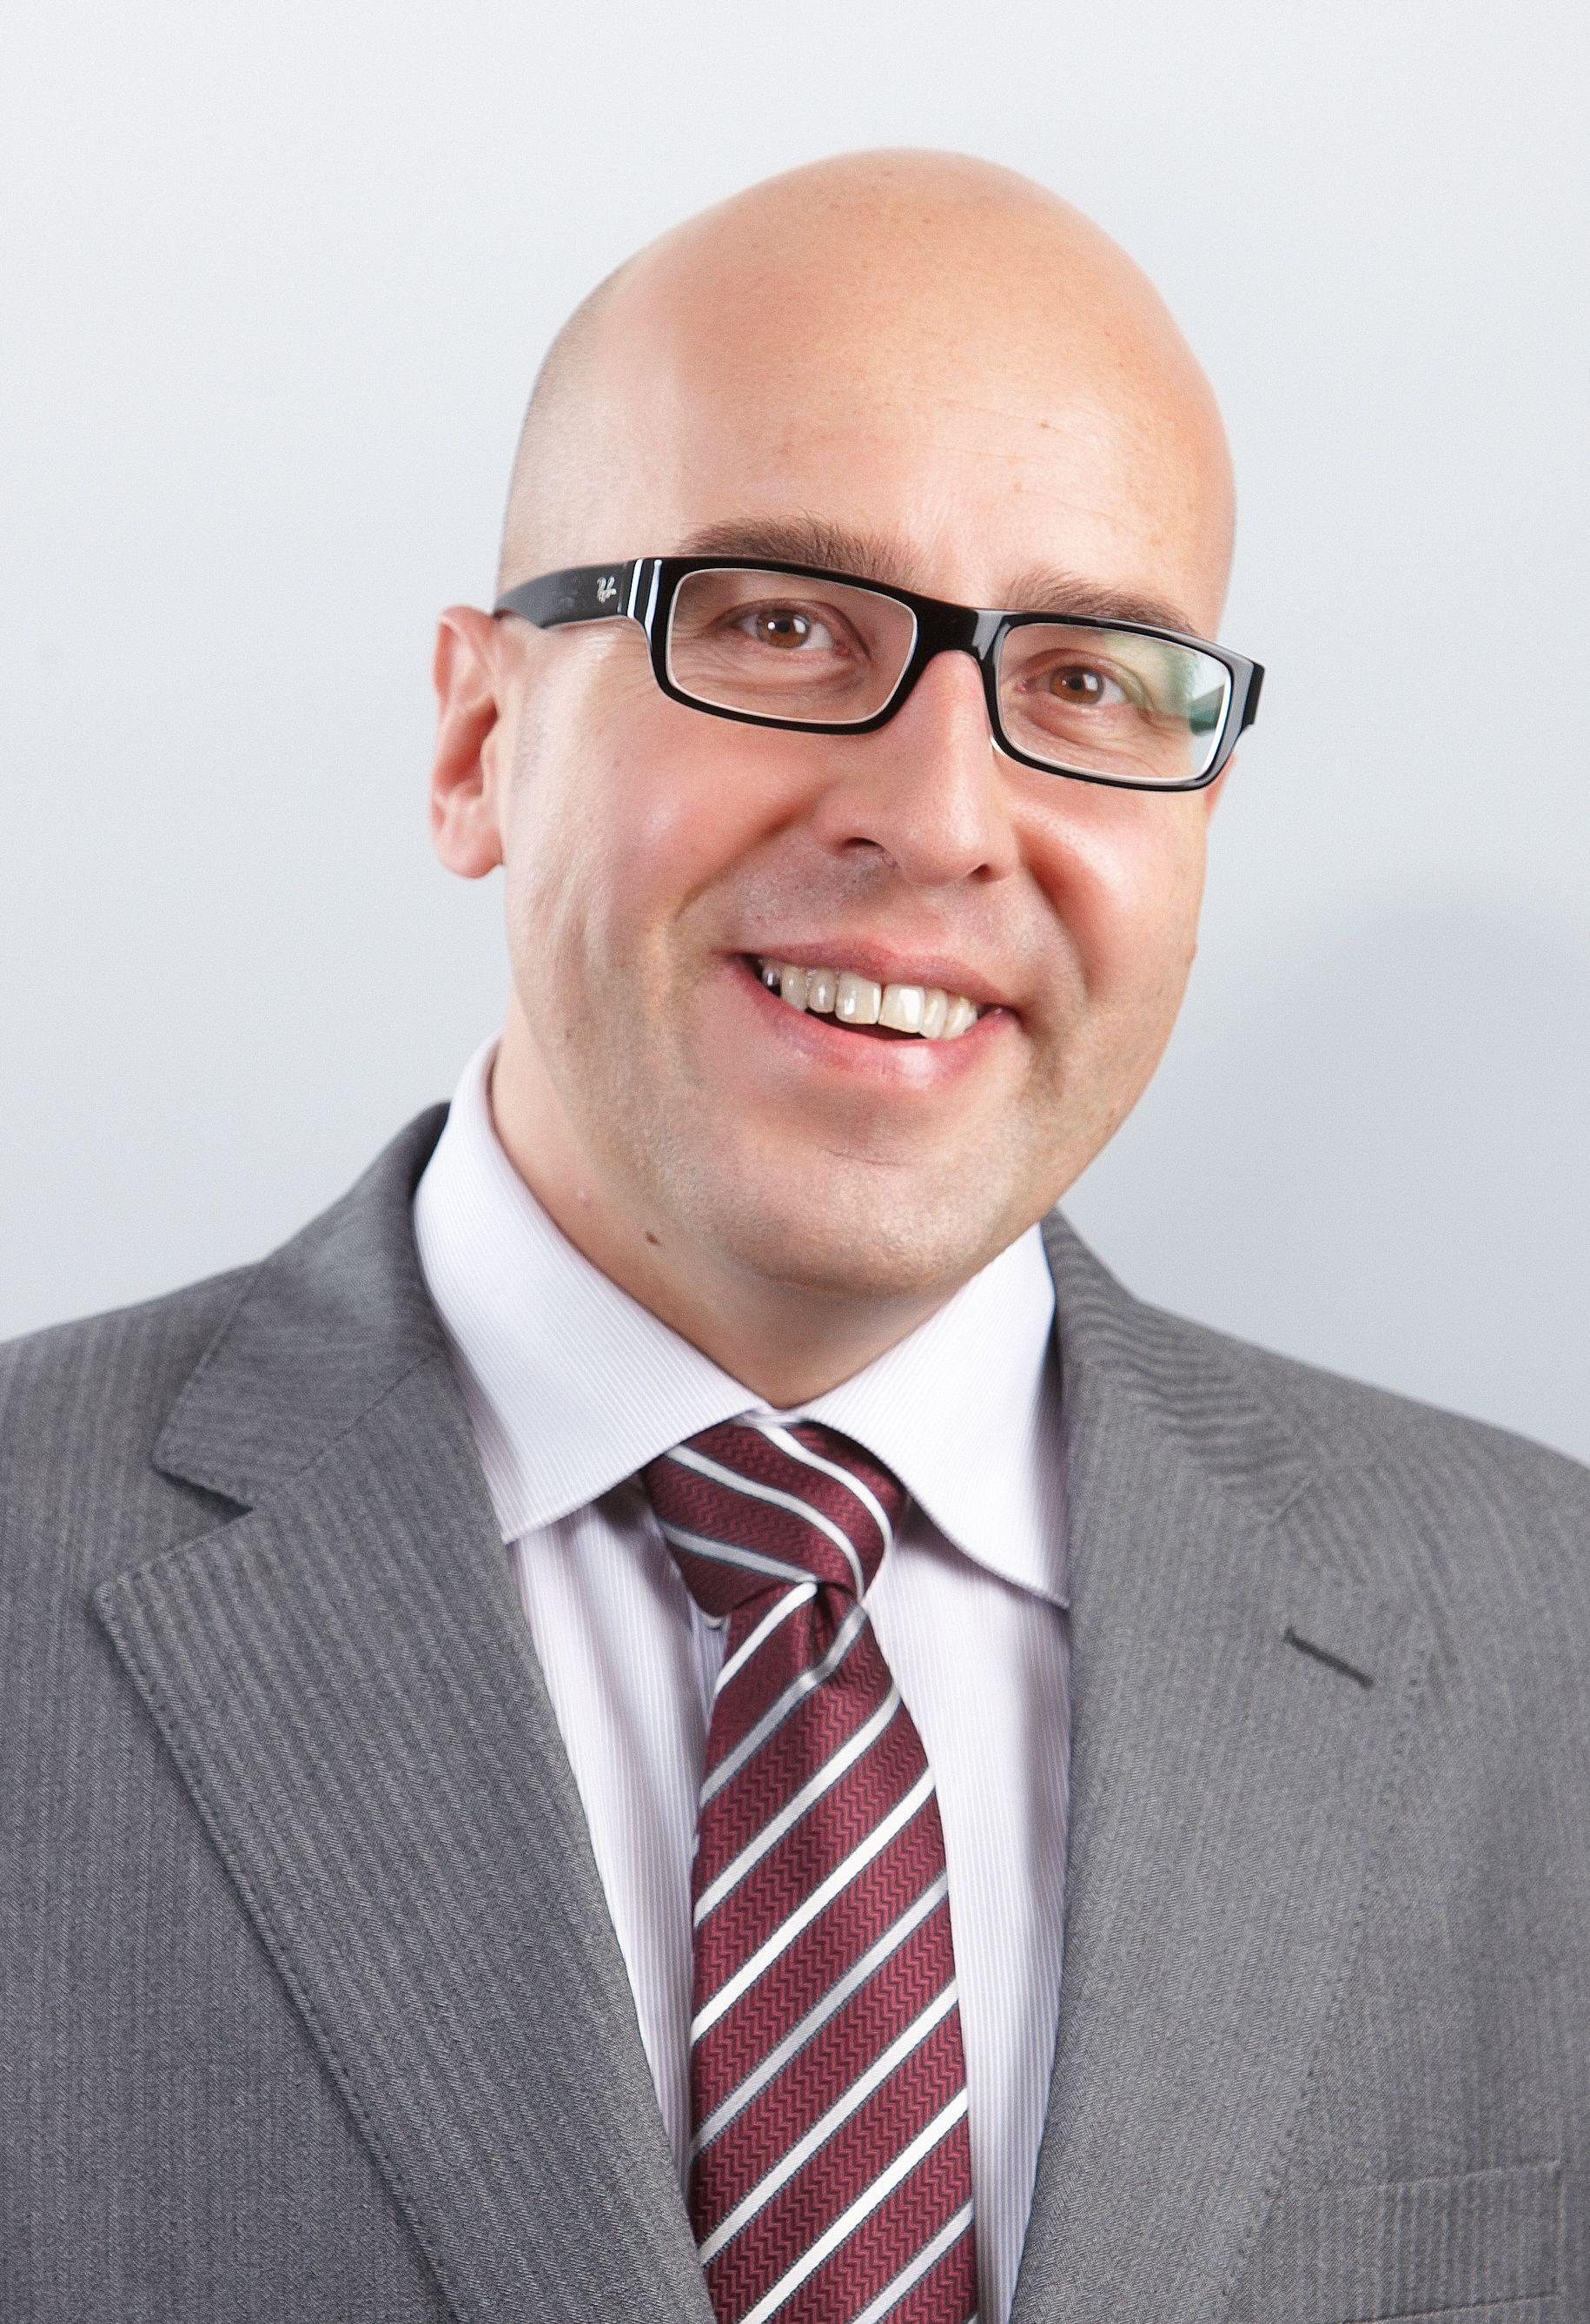 Axel Jahn, Geschäftsführer, Netpioneer GmbH, Karlsruhe